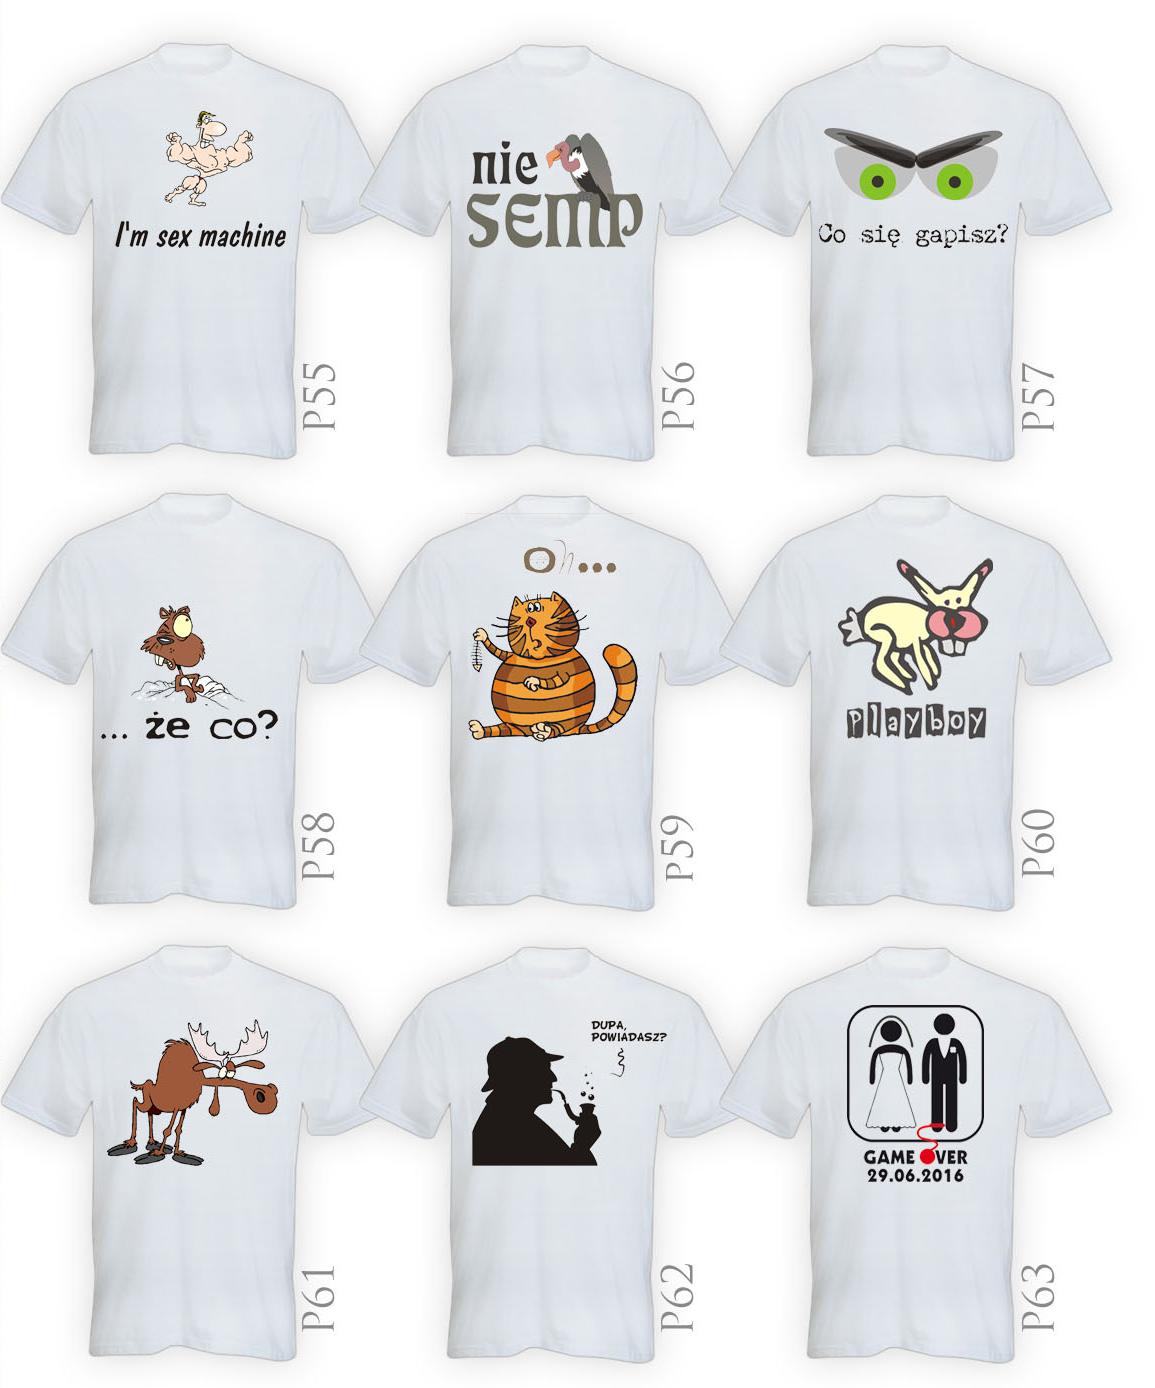 Projekty koszulek wzory dzień ojca matki wieczór kawalerski panieński